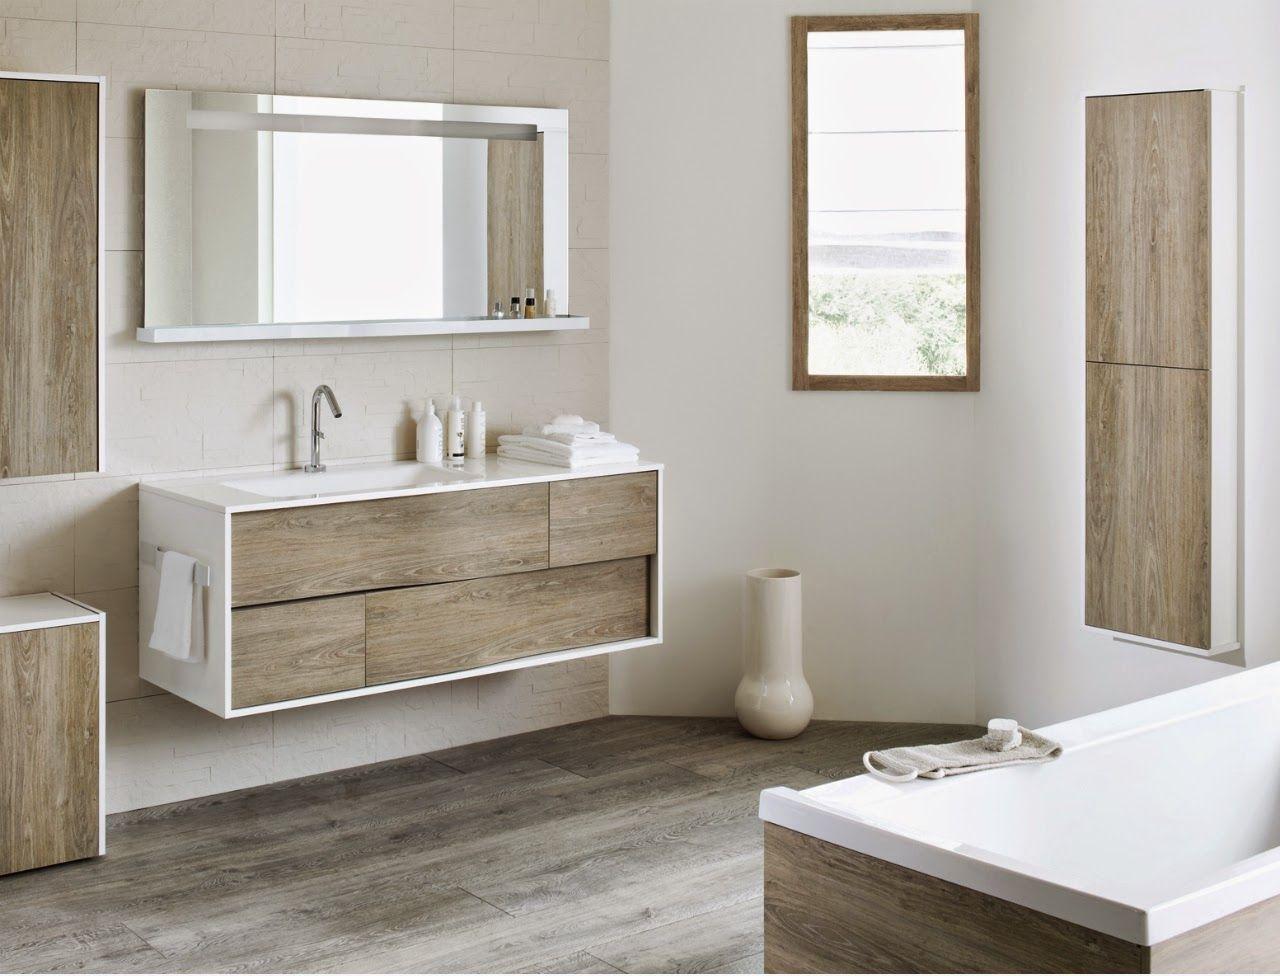 meuble de salle de bain ikea par rapport a desir l idee d une